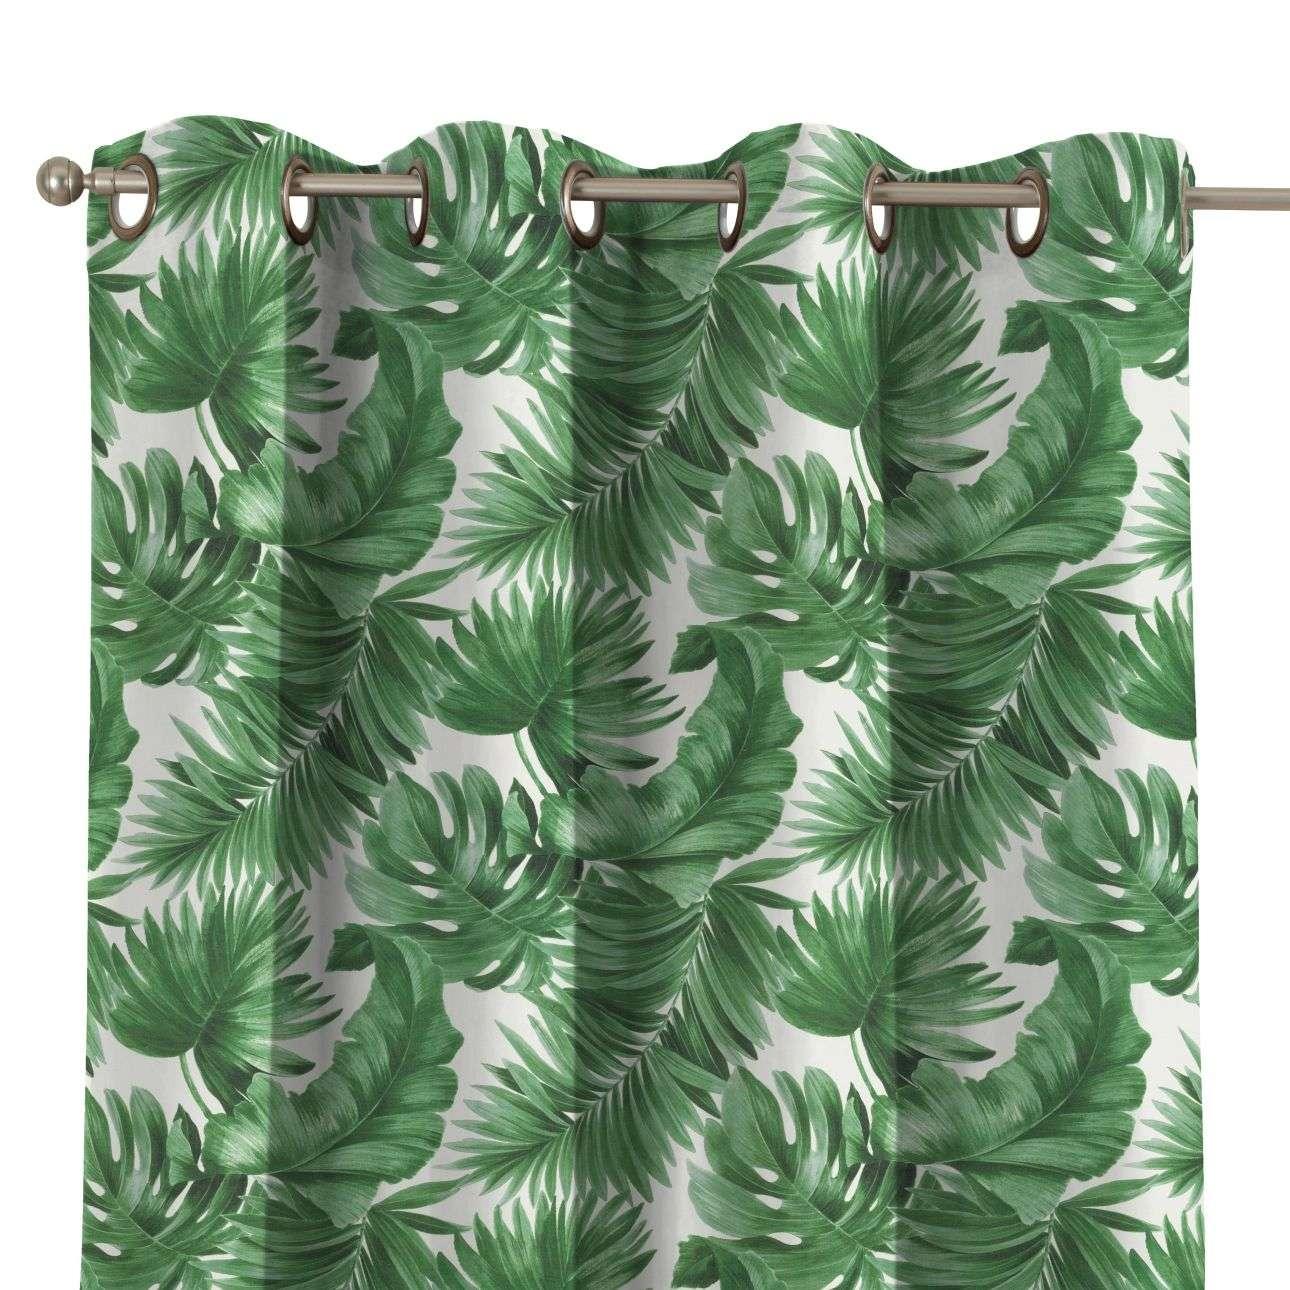 Zasłona na kółkach 1 szt. w kolekcji Urban Jungle, tkanina: 141-71